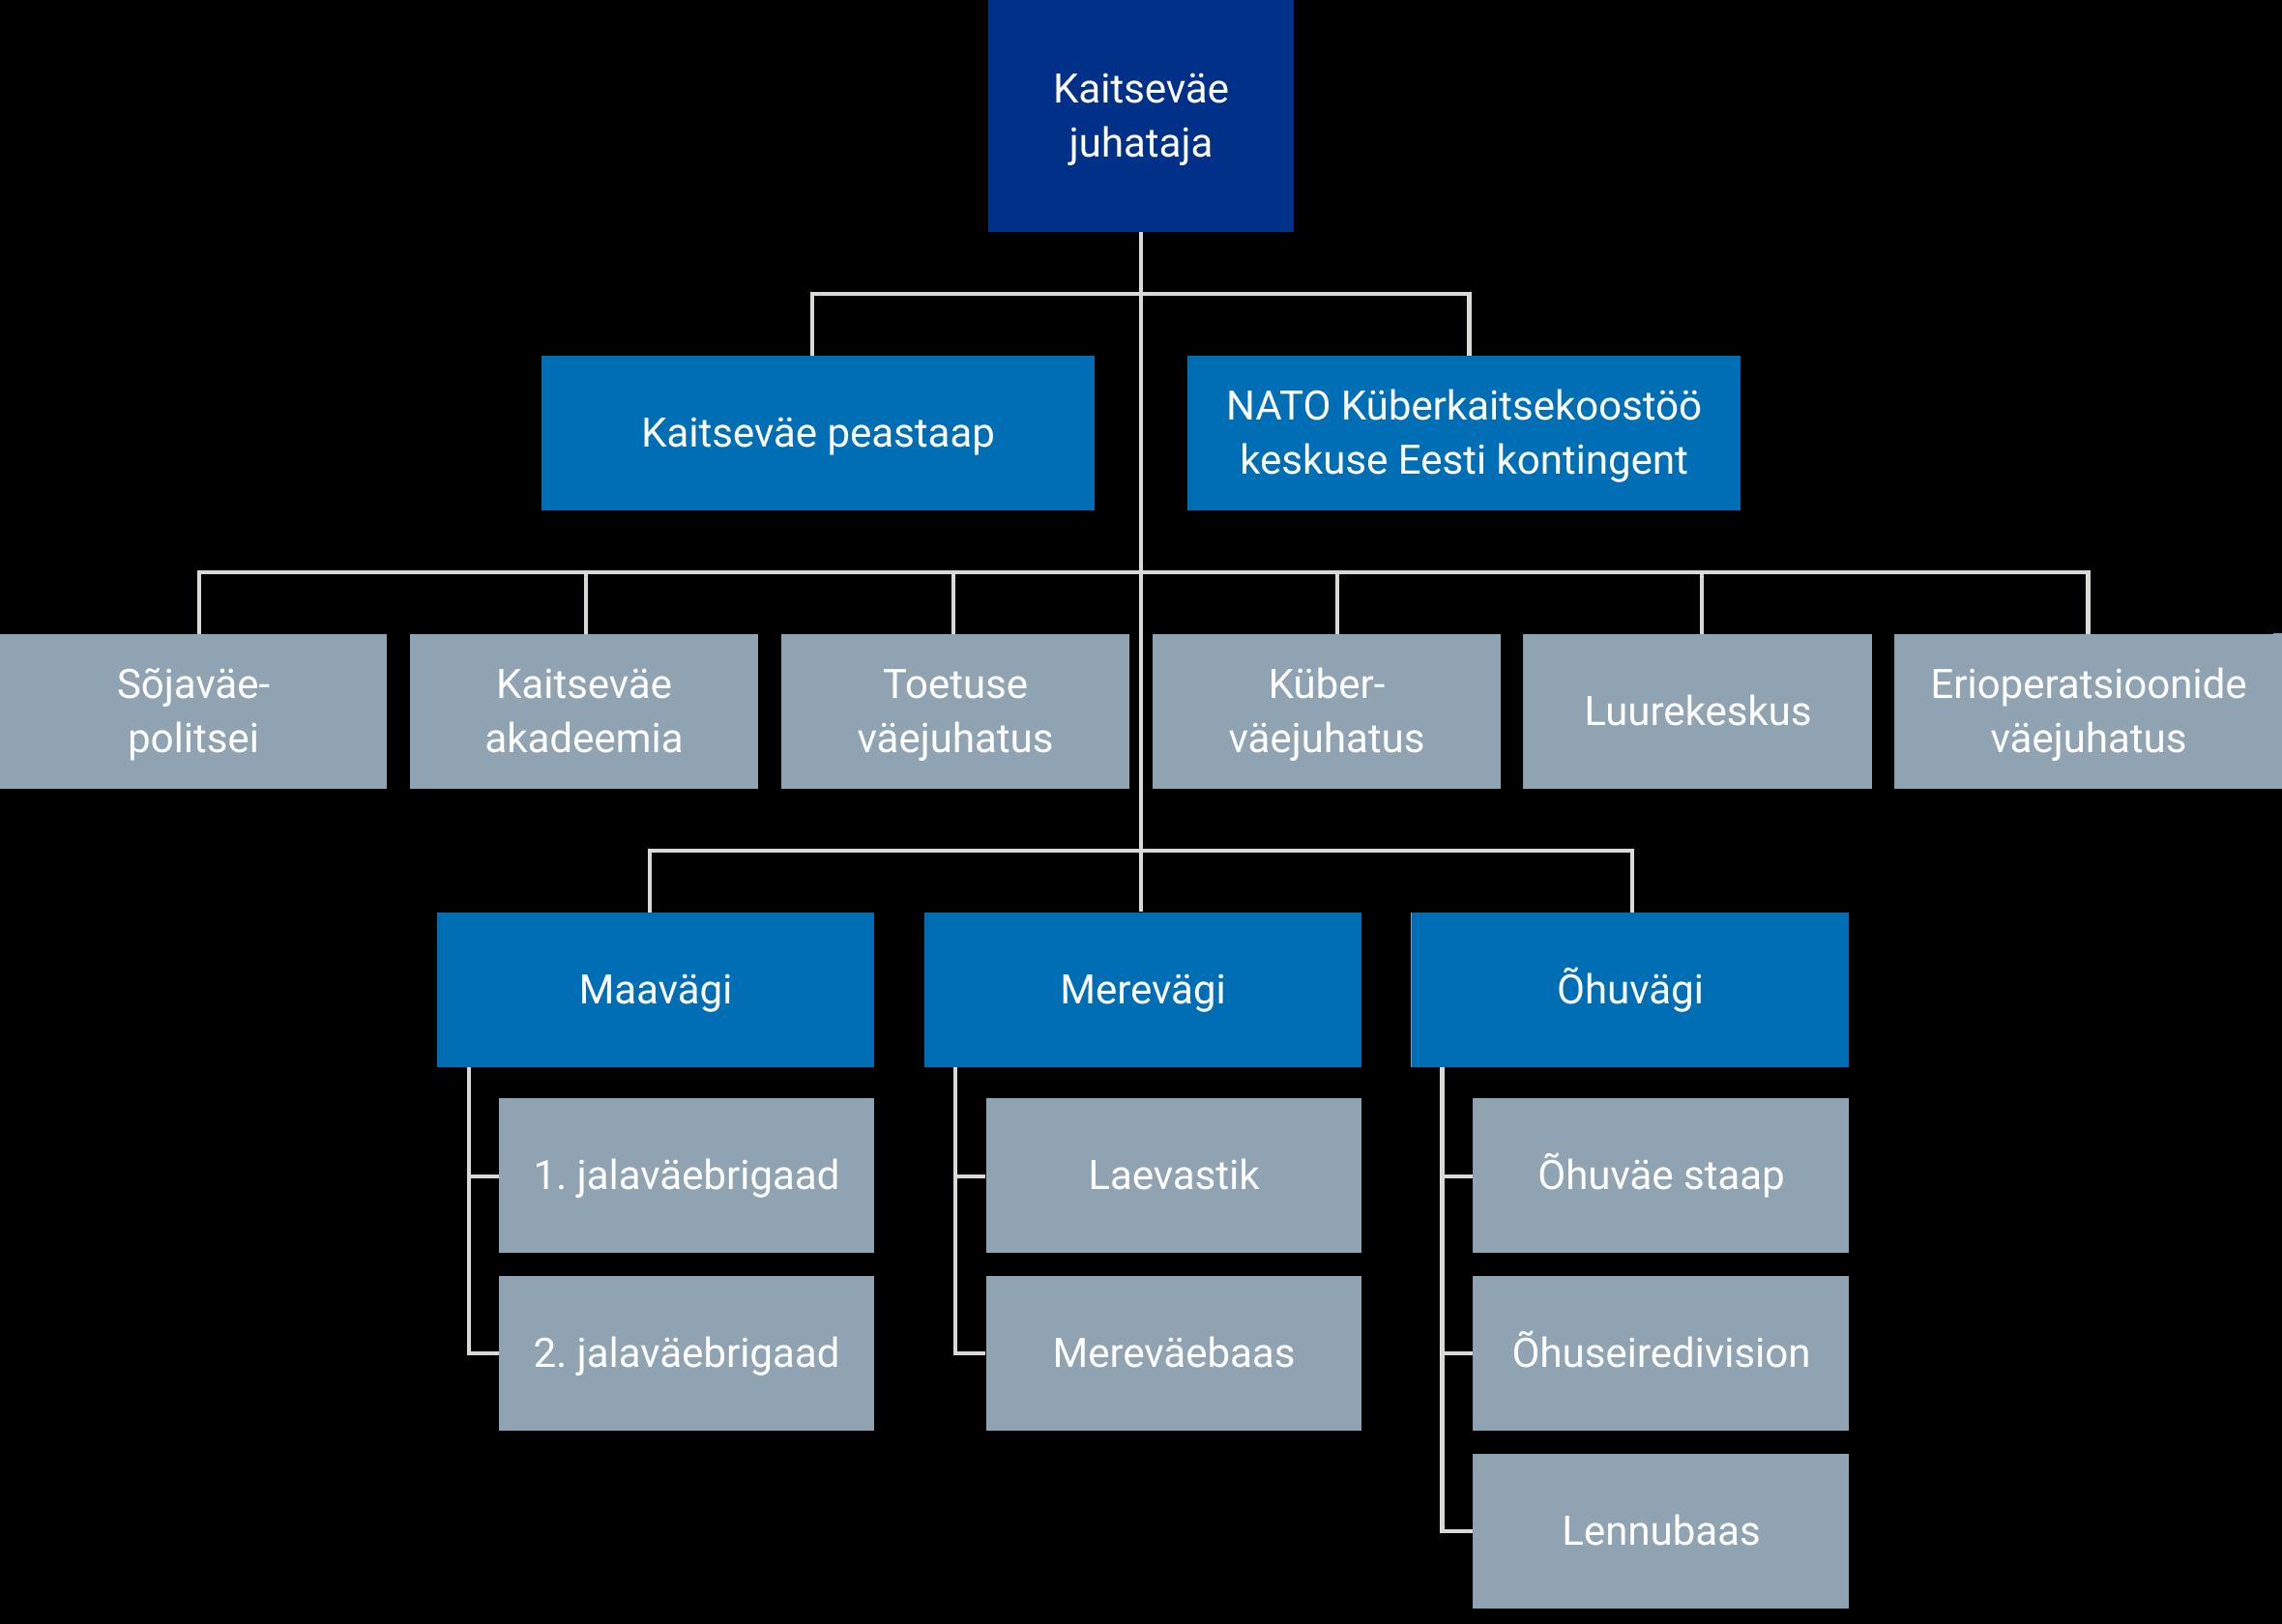 Kaitseväe struktuur